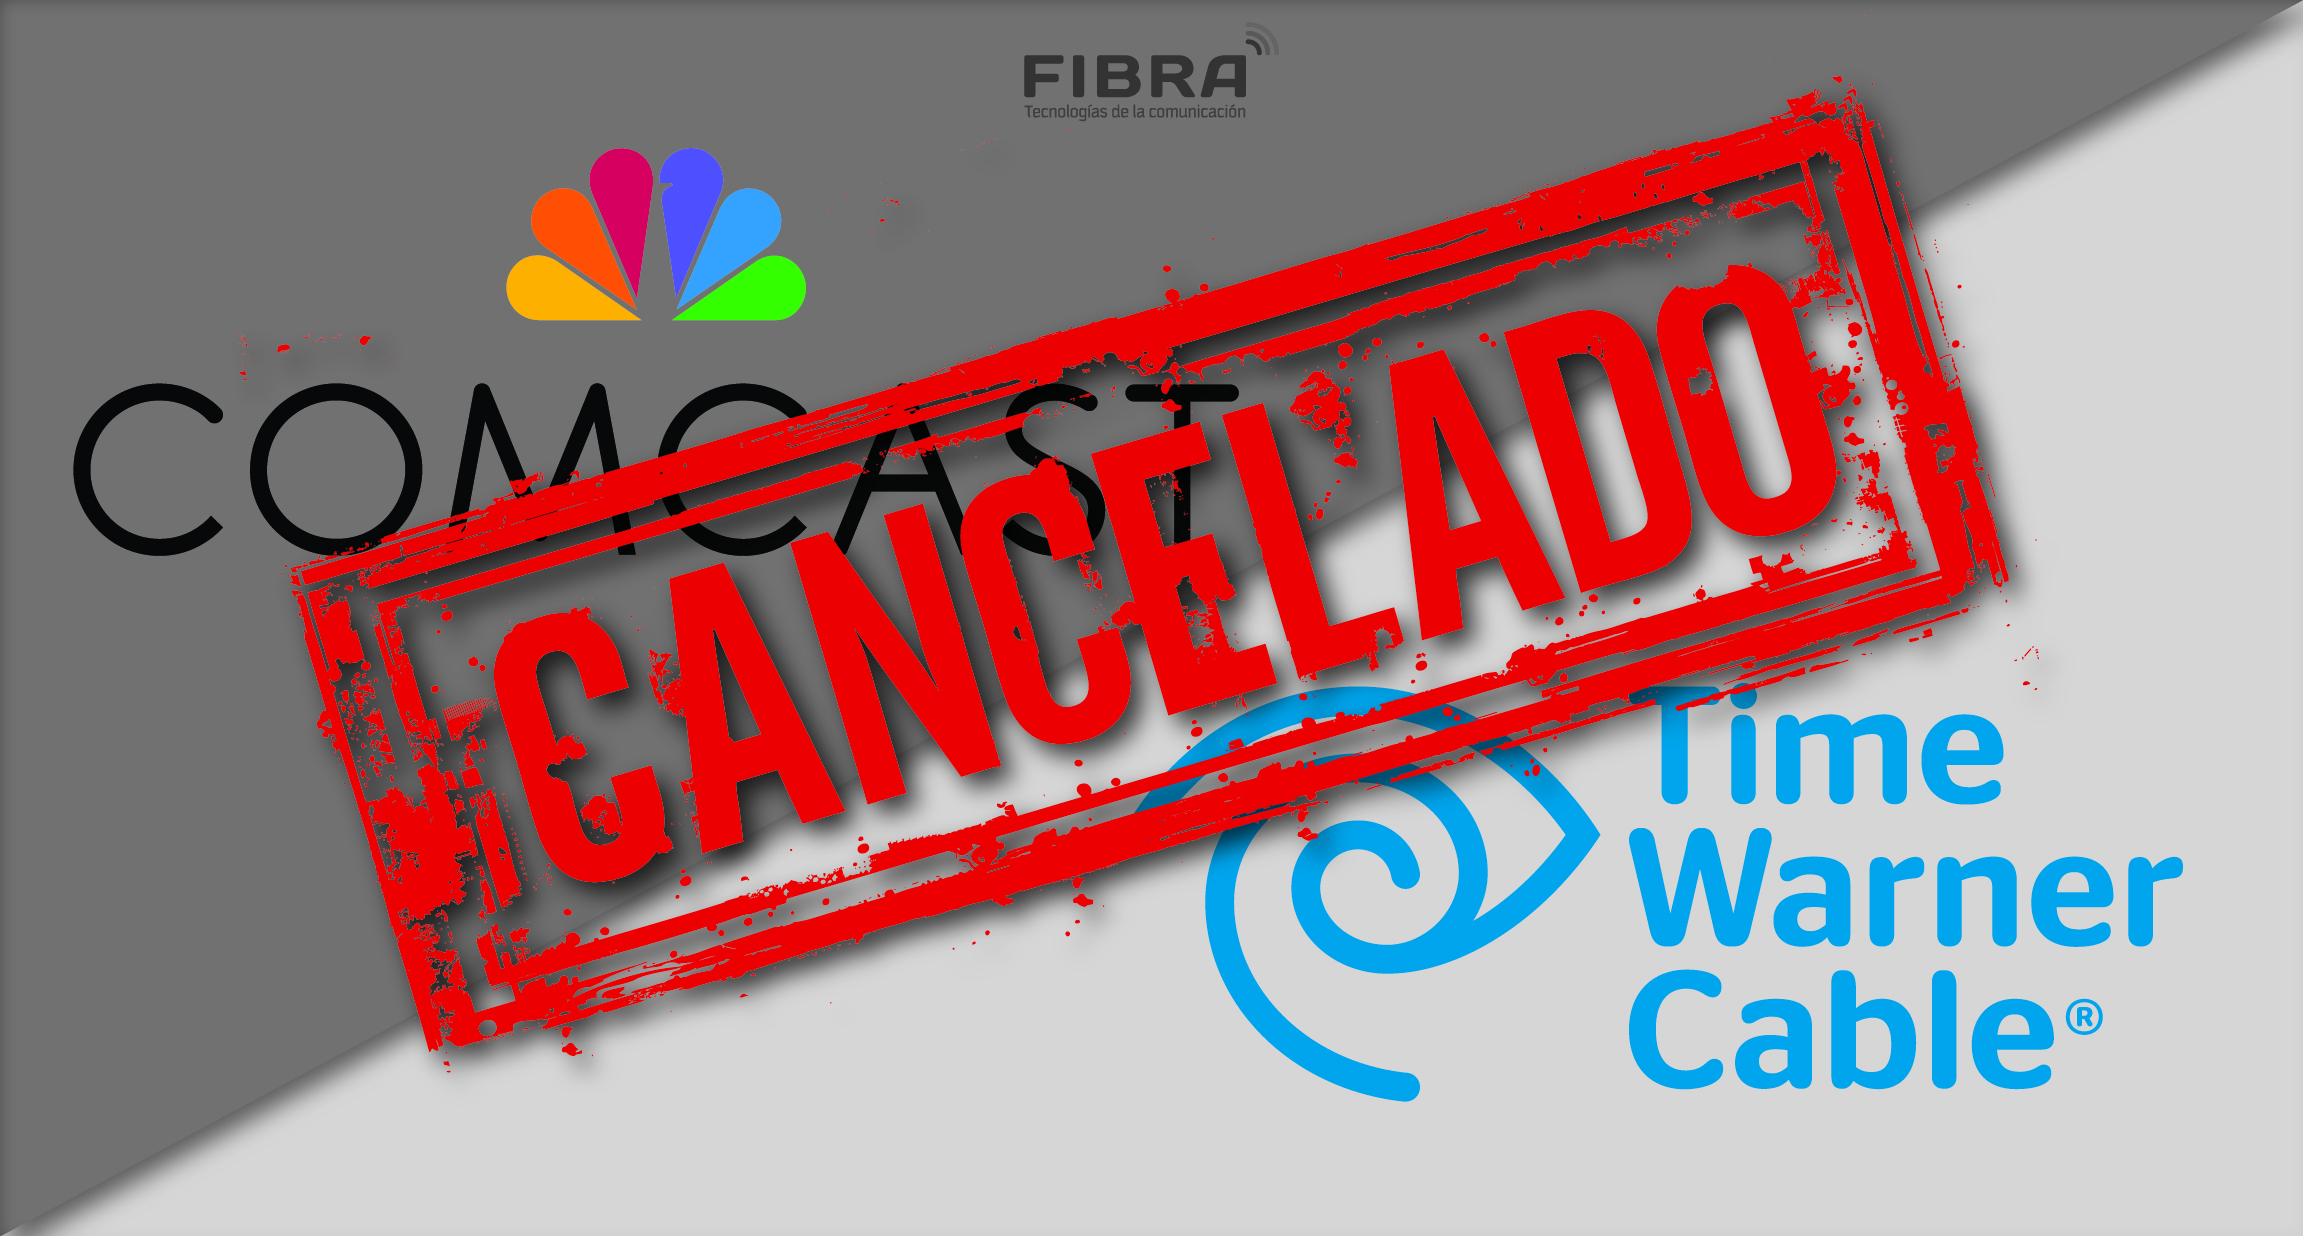 No habrá fusión entre Comcast y Time Warner Cable